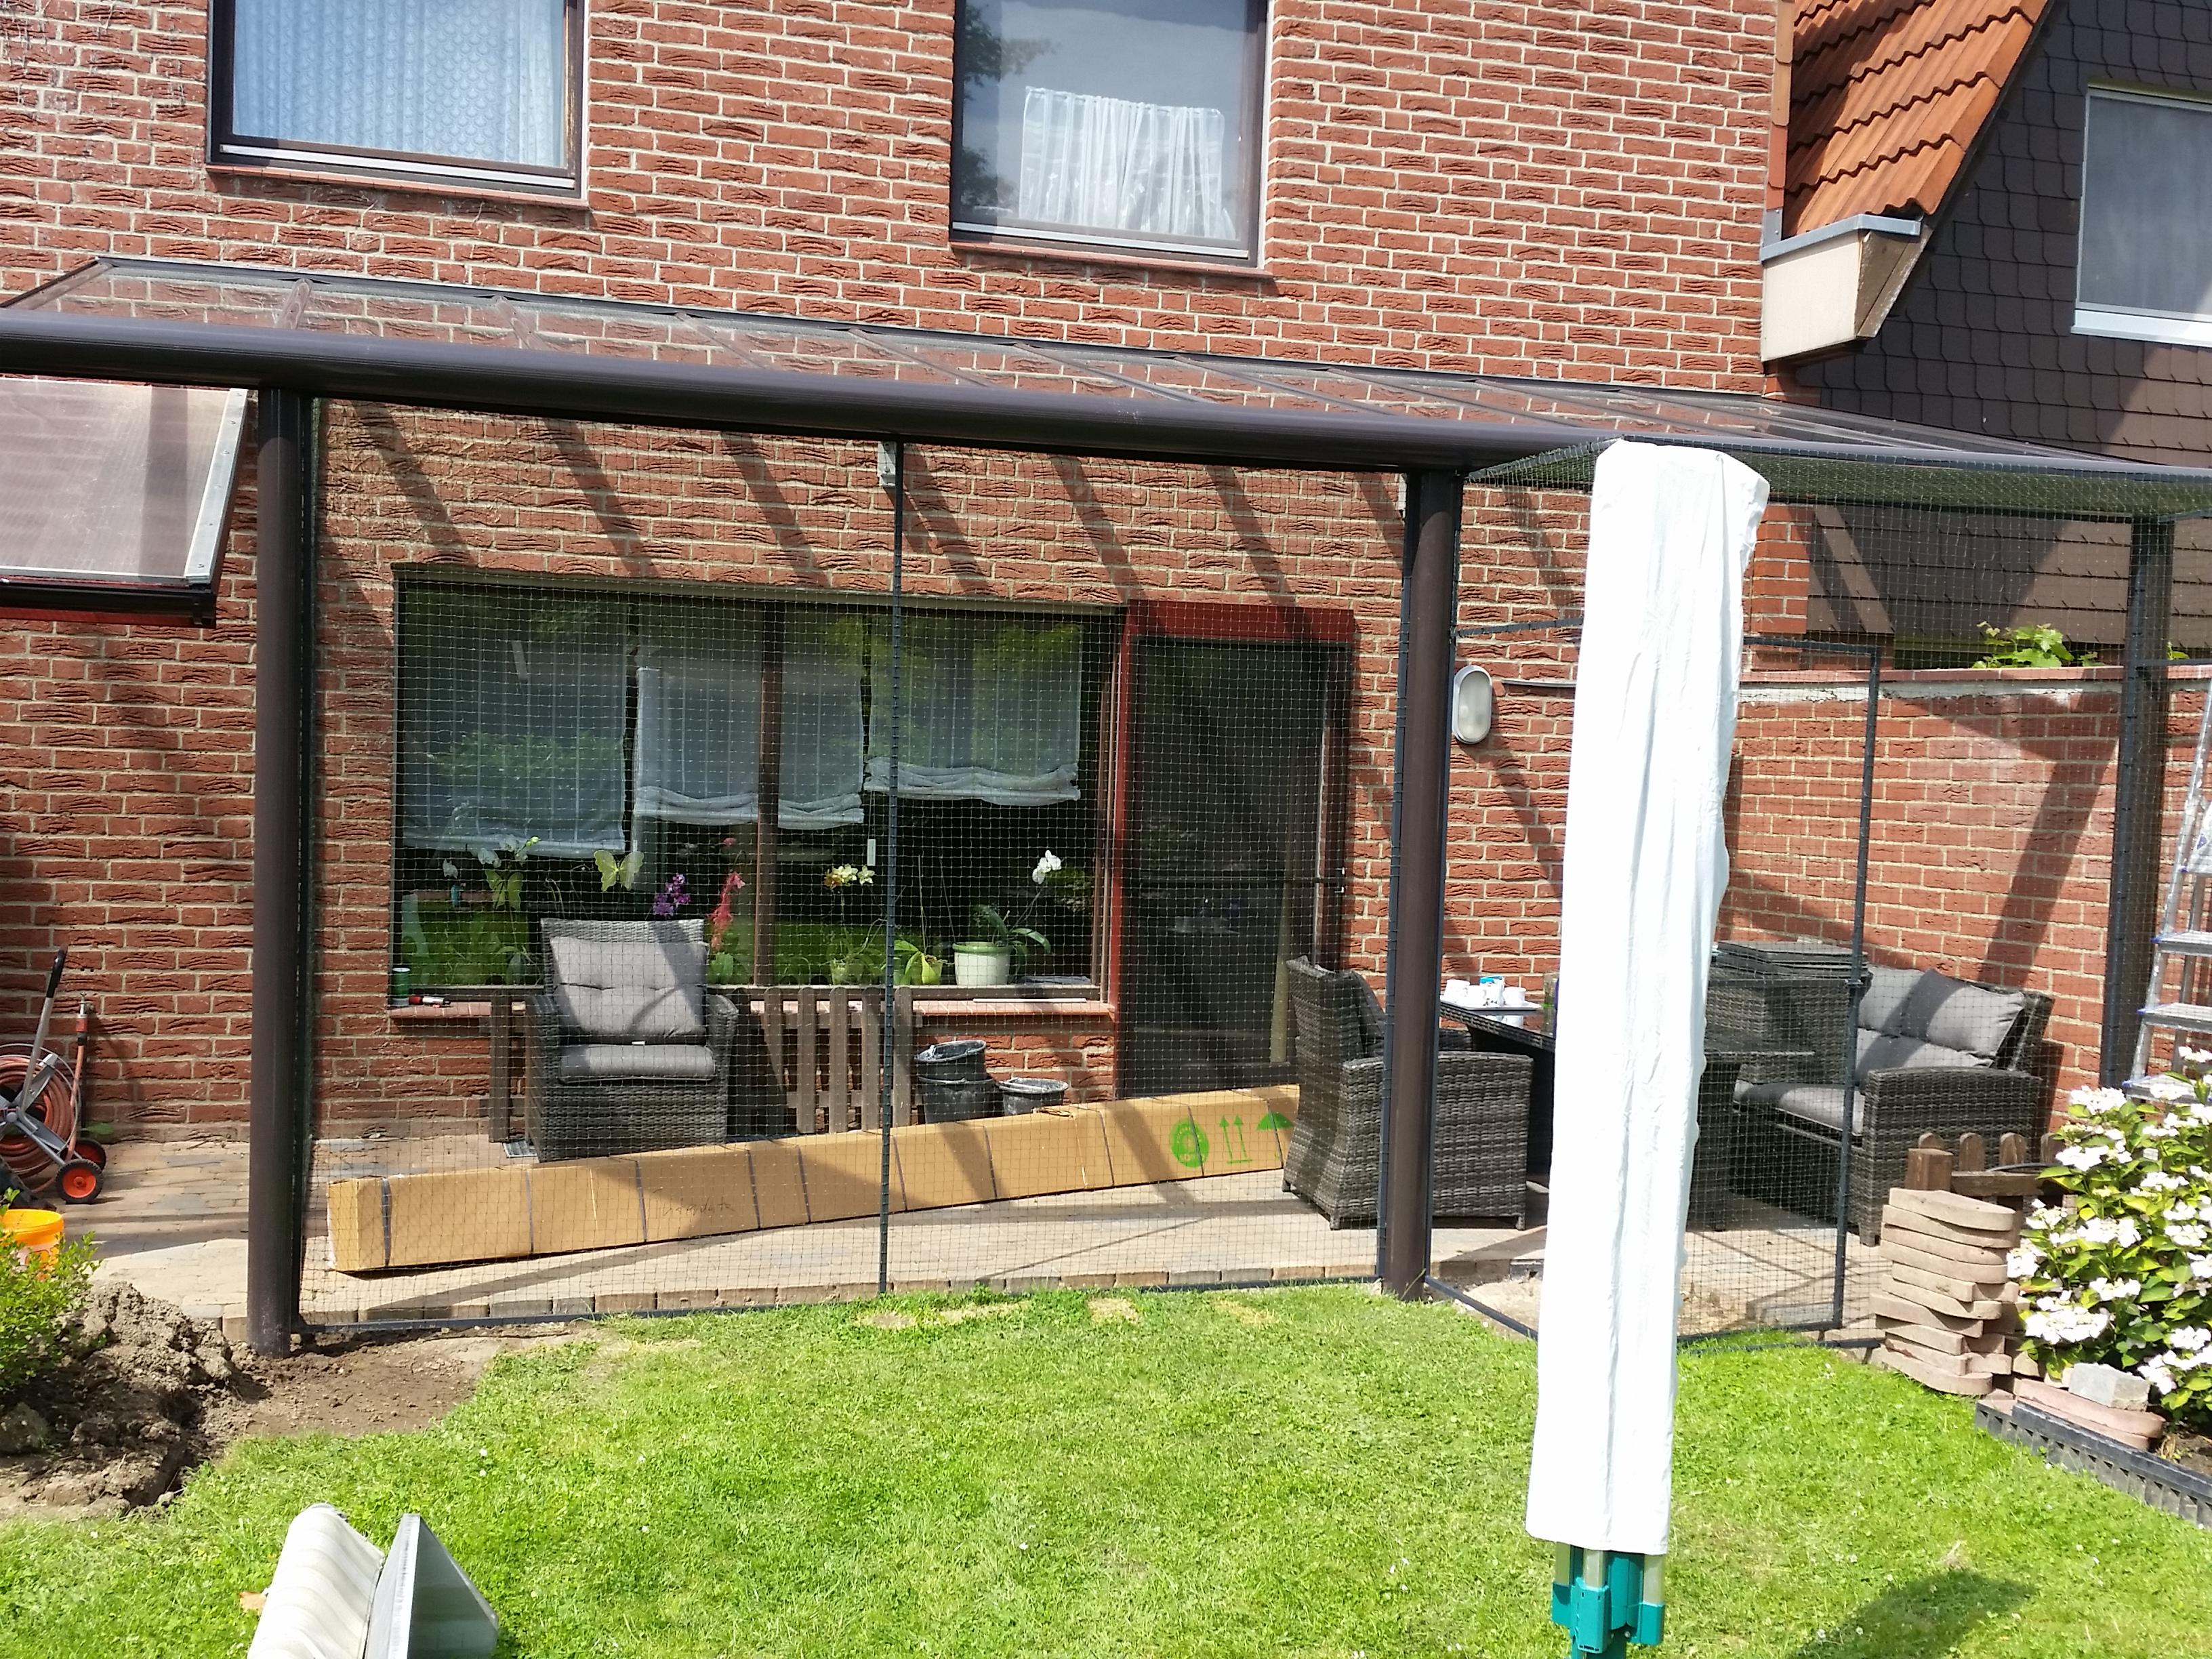 katzengehege auf terrasse in hannover katzennetze nrw der katzennetz profi. Black Bedroom Furniture Sets. Home Design Ideas